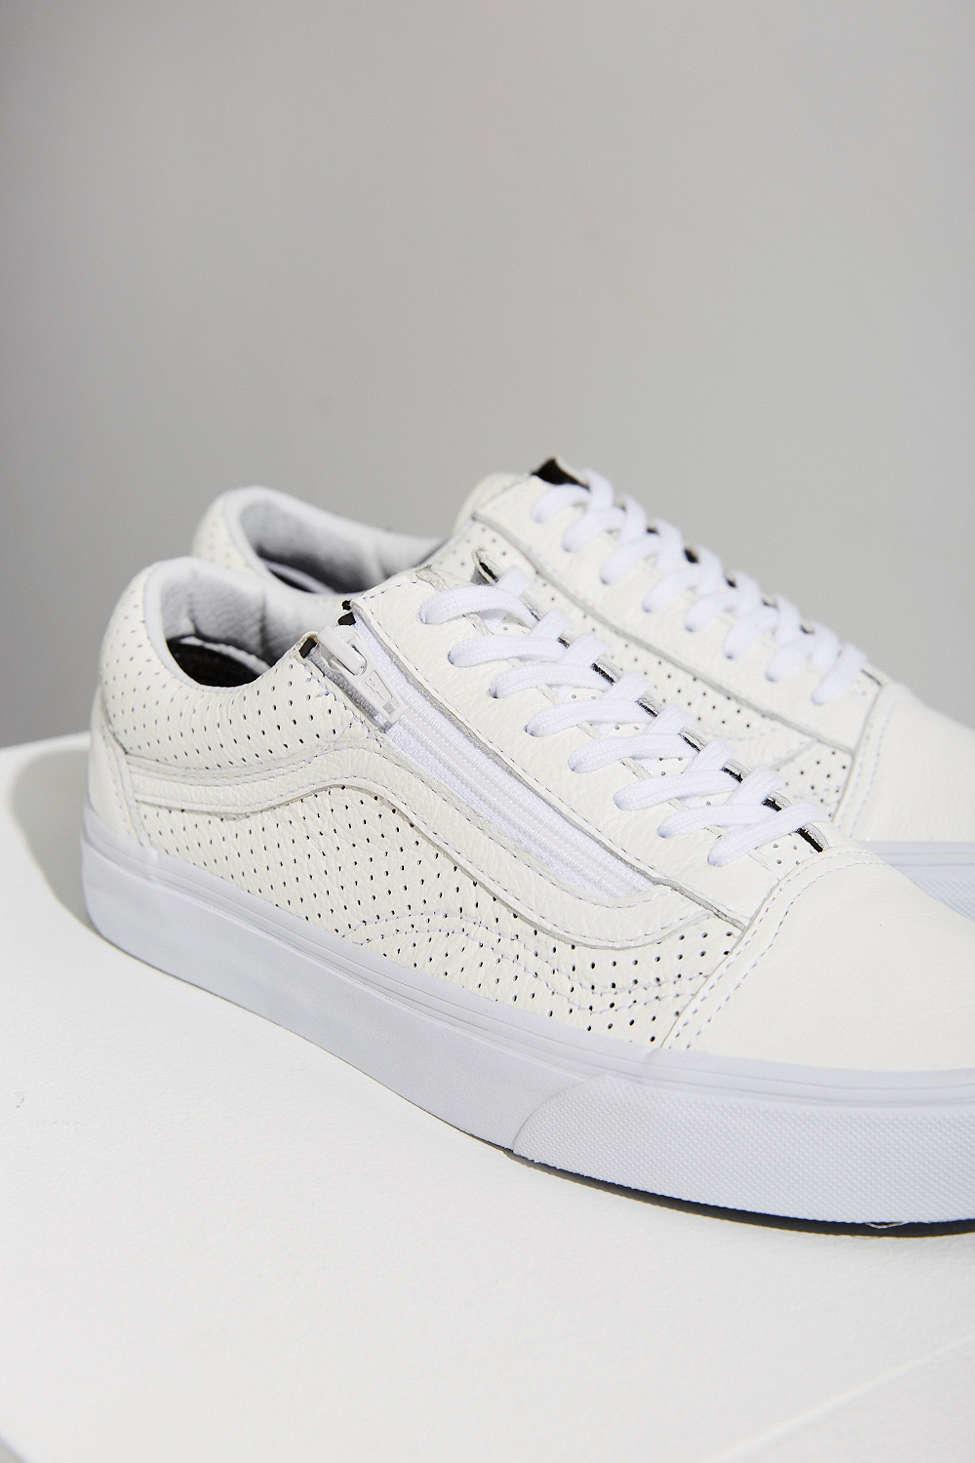 2ed3852707 Lyst - Vans Perforated Leather Old Skool Zip Sneaker in White